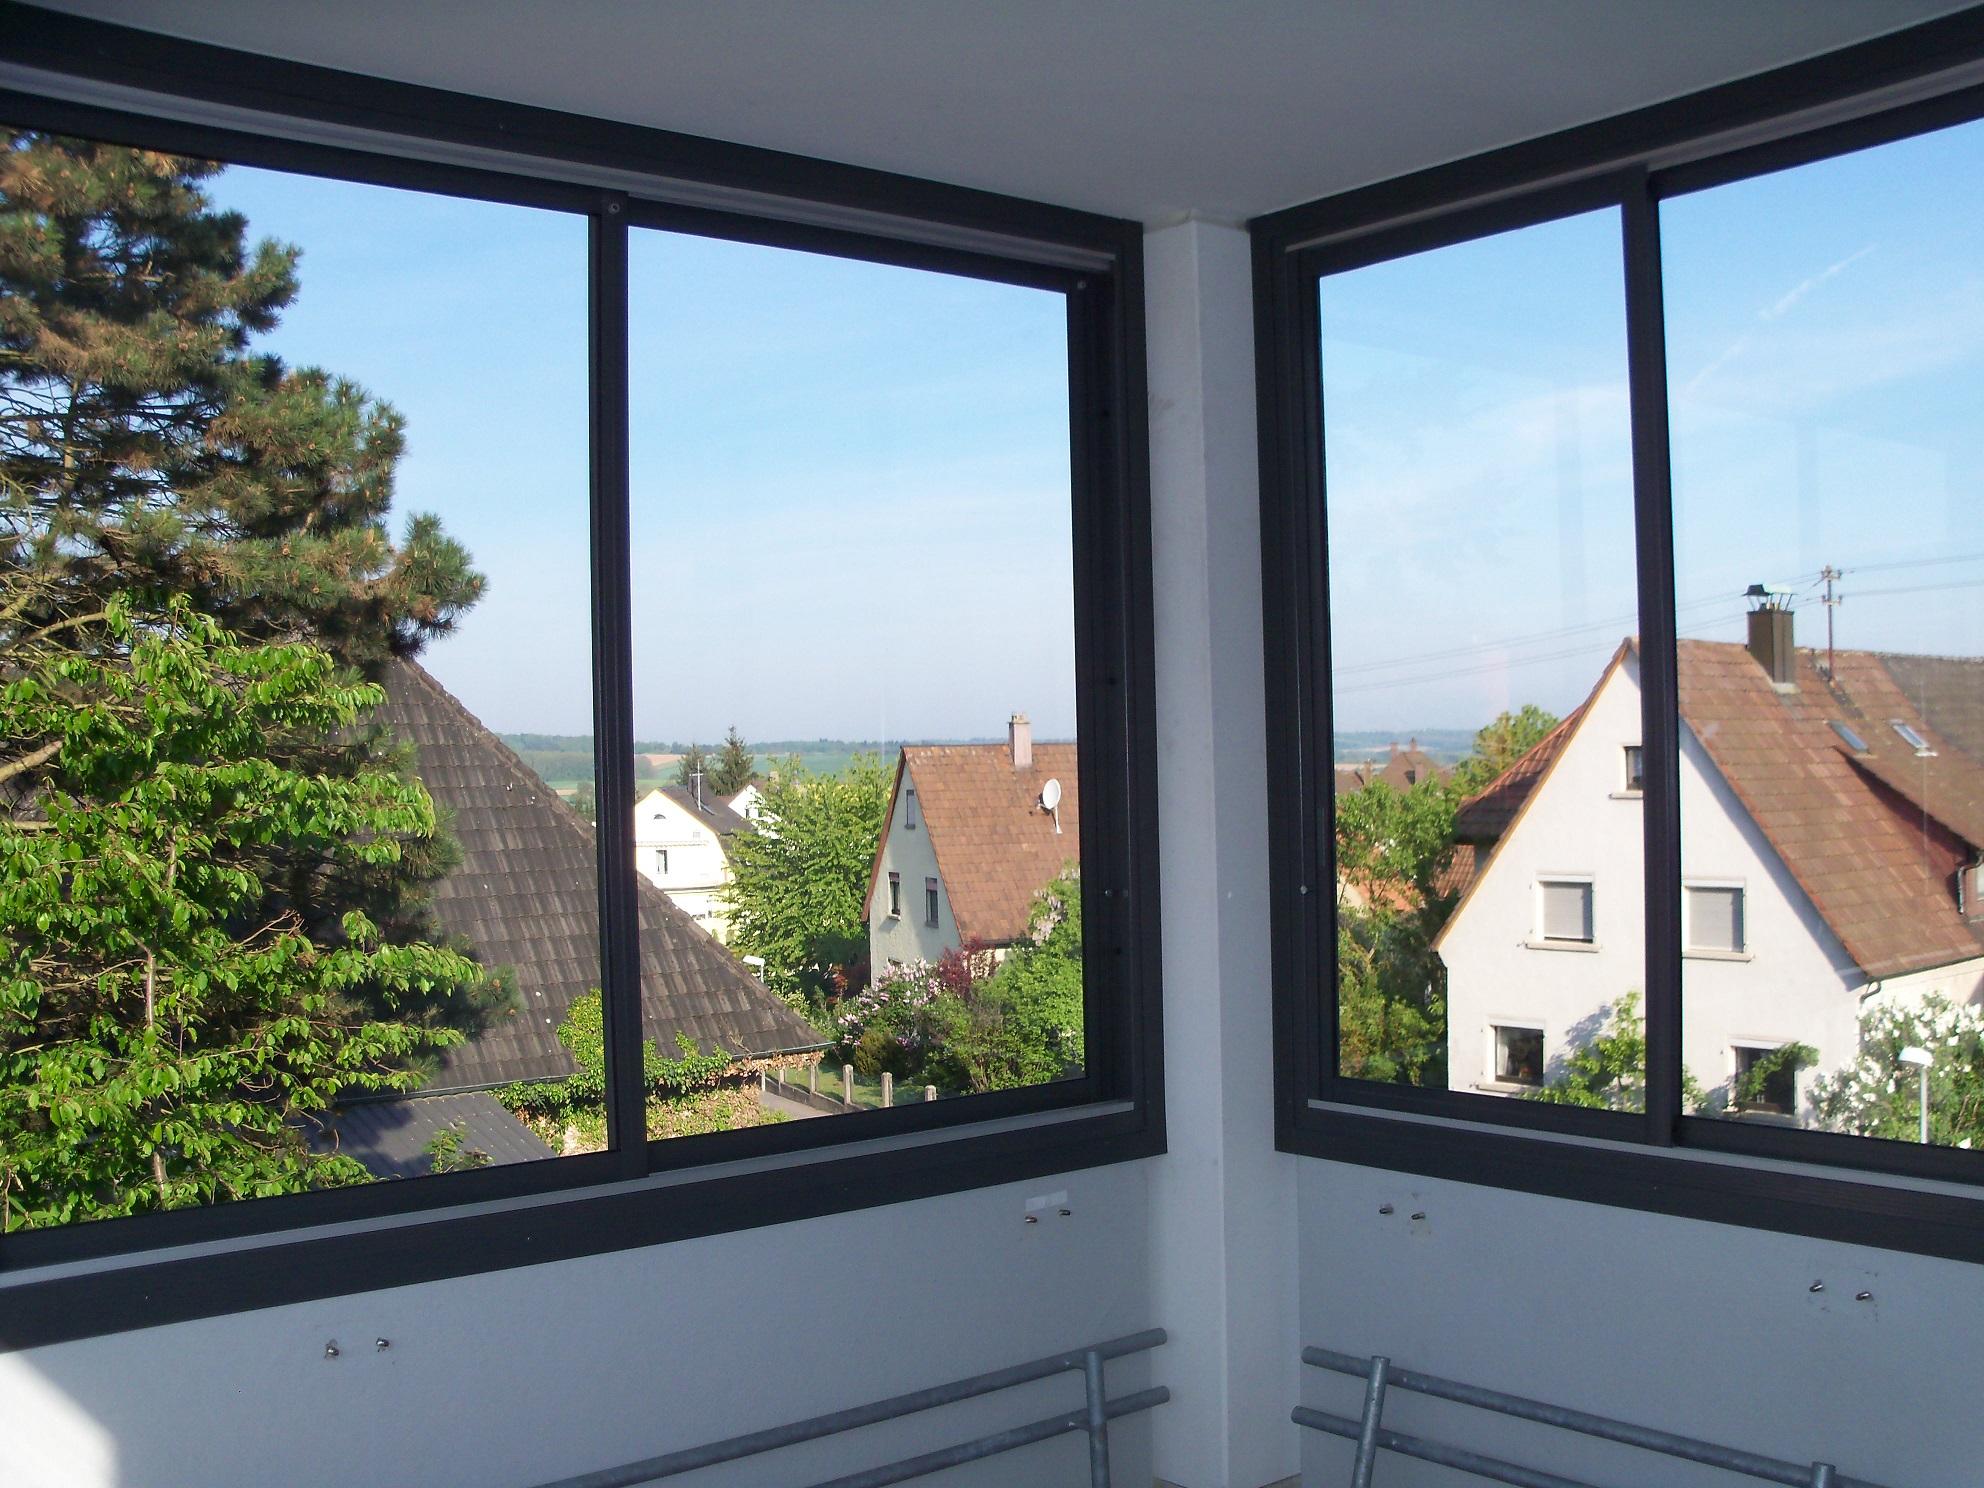 Fensterabschnitt